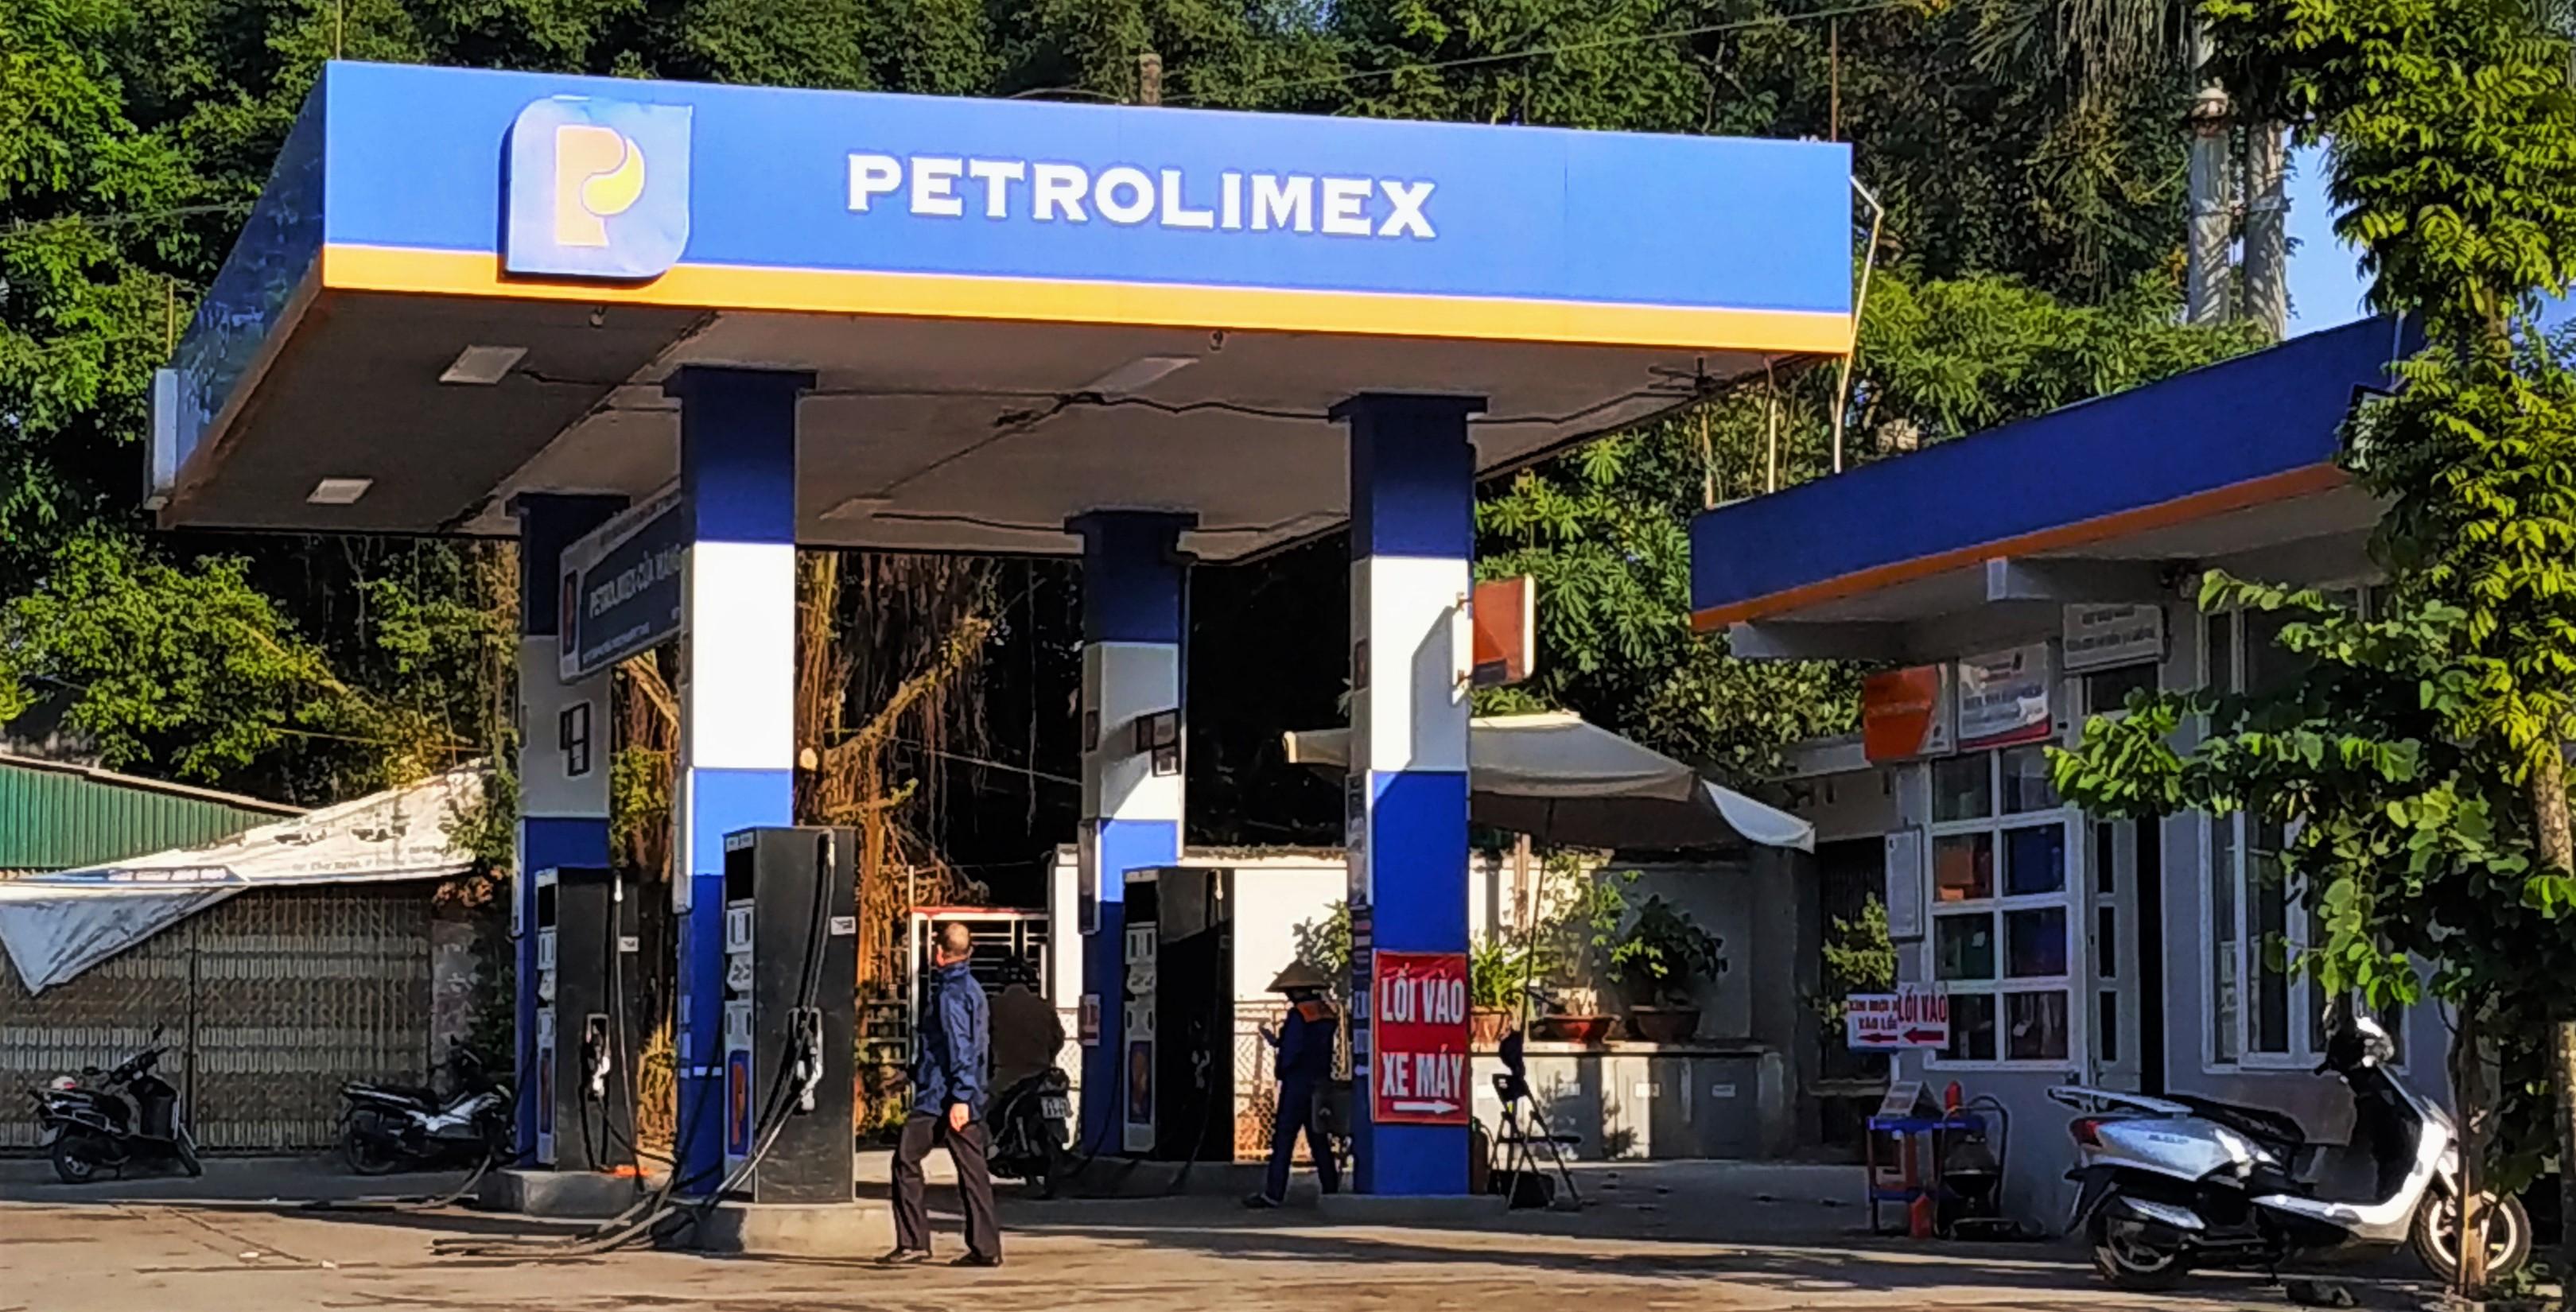 Petrolimex đình chỉ nhân viên bán dầu có lẫn nước - Ảnh 1.